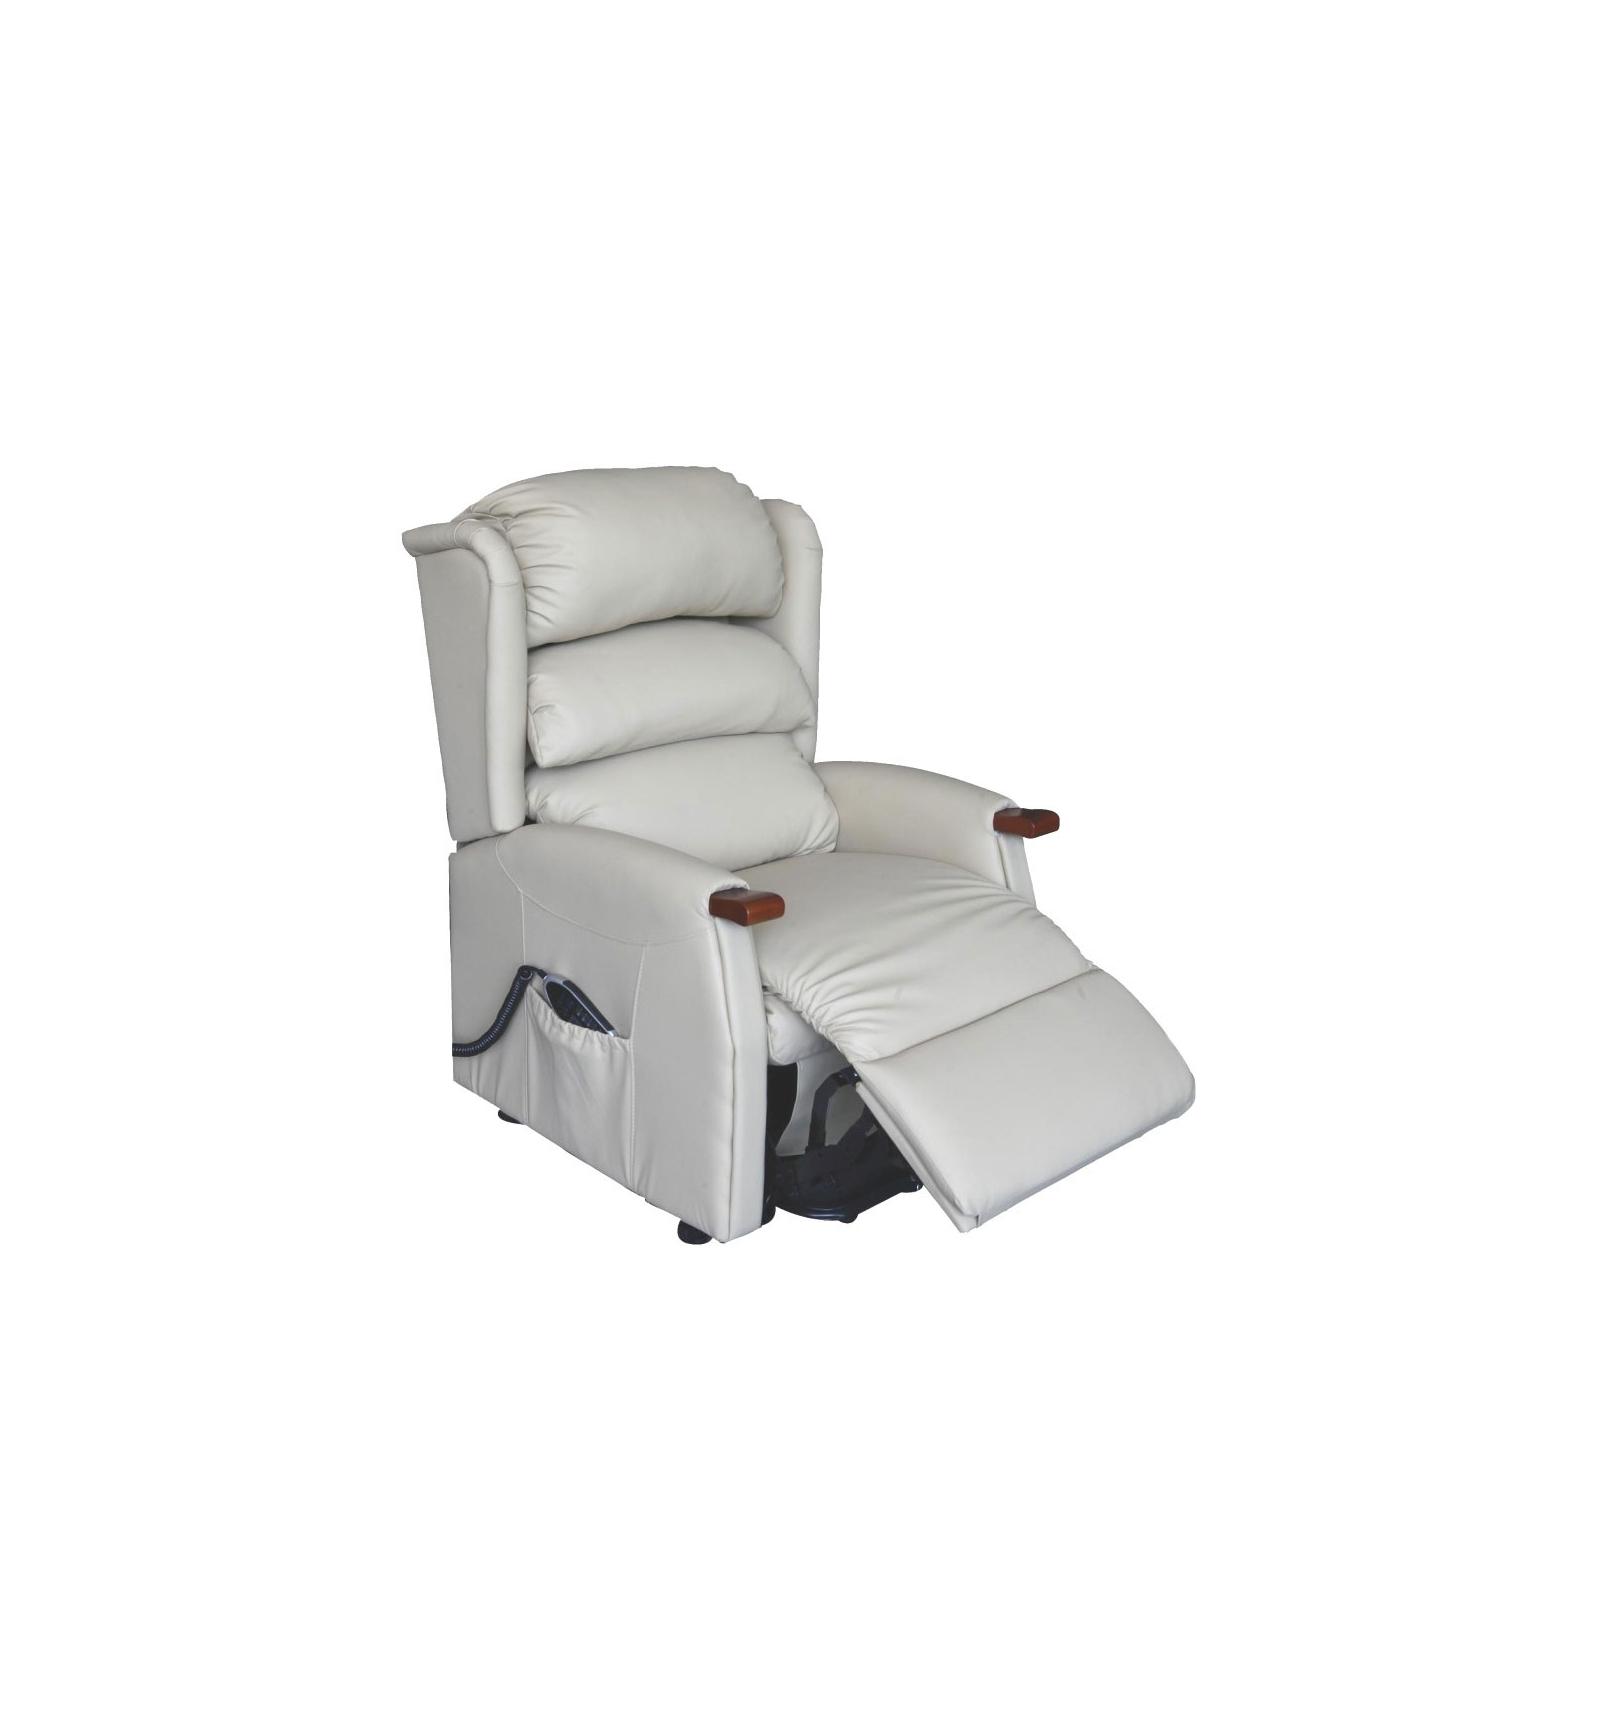 Sessel Aufstehhilfe Elektrisch Sessel Mit Aufstehhilfe Elektrisch